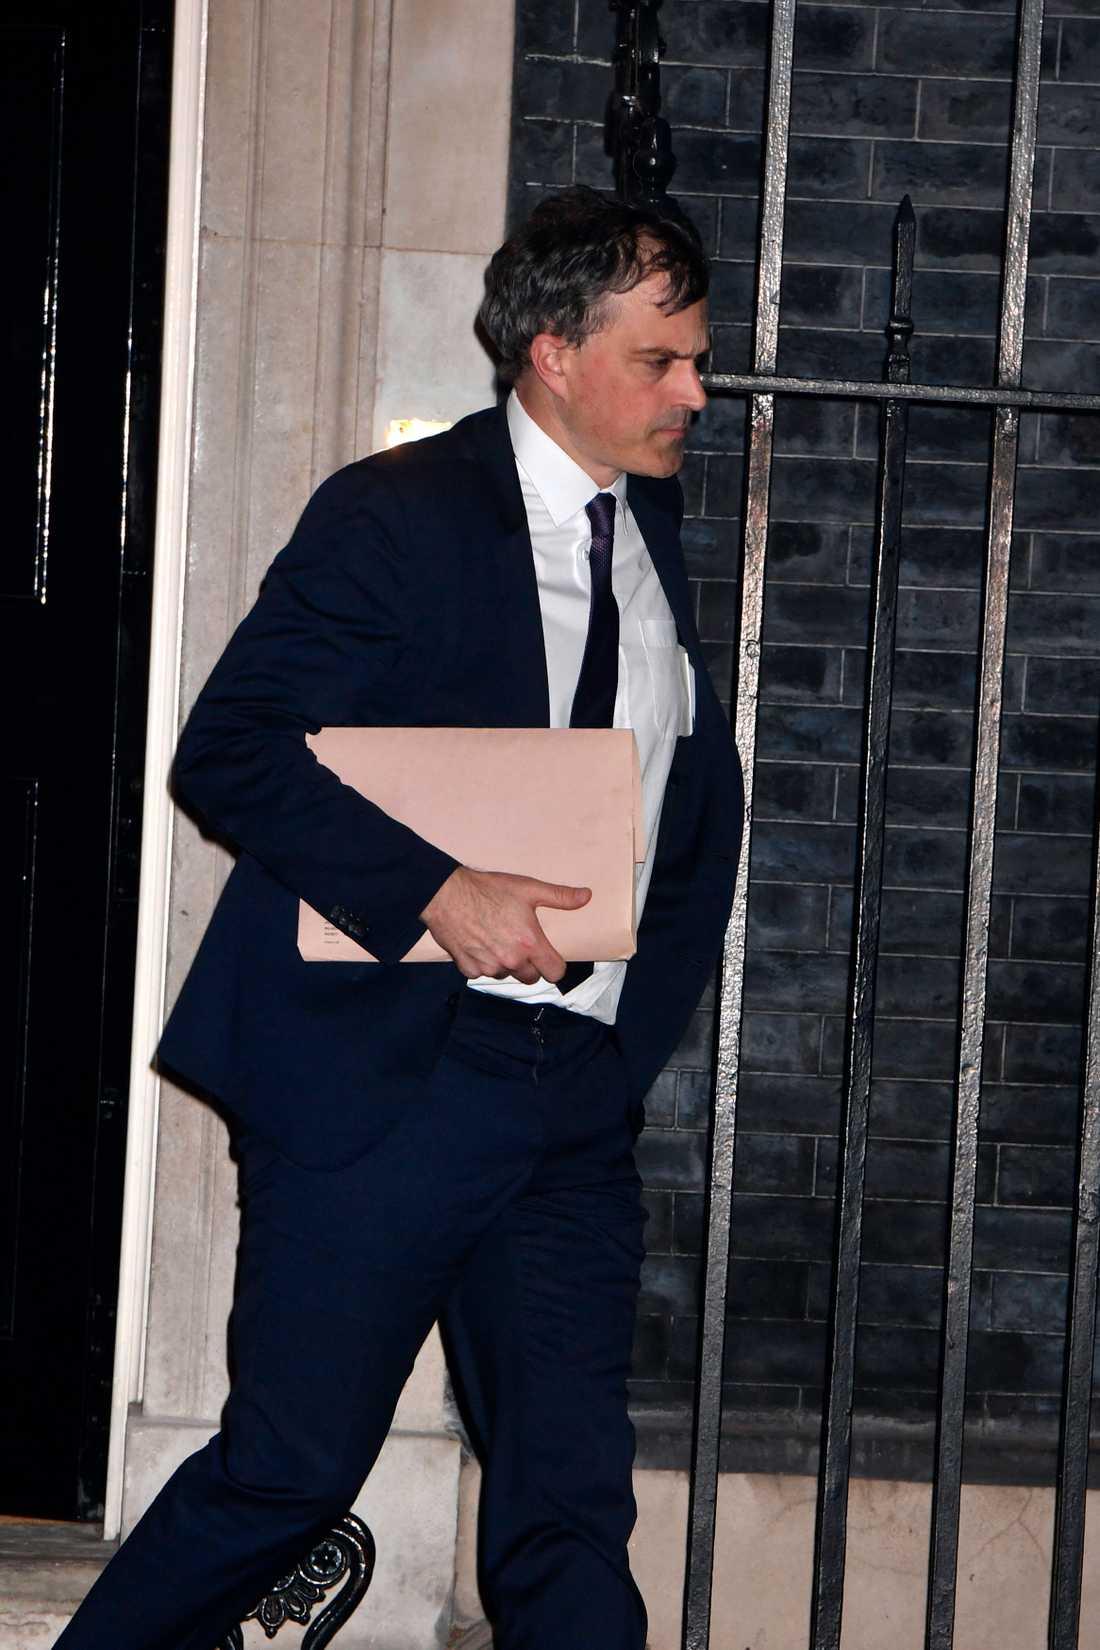 Tory-partiets gruppledare i parlamentet, Julian Smith, lämnar Downing Street 10 på tisdagskvällen.